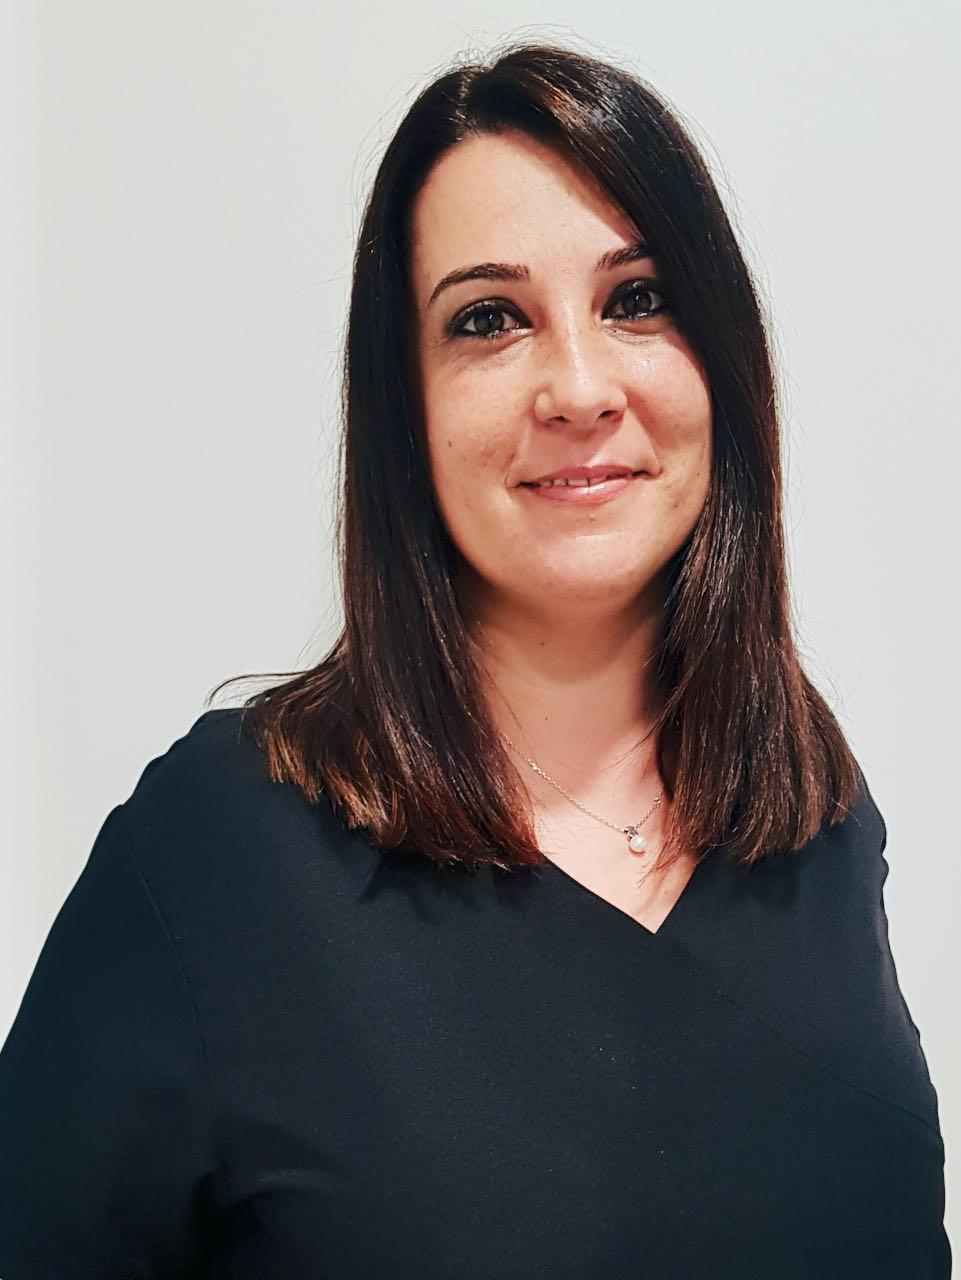 Sra. Sira Navarro Esteban